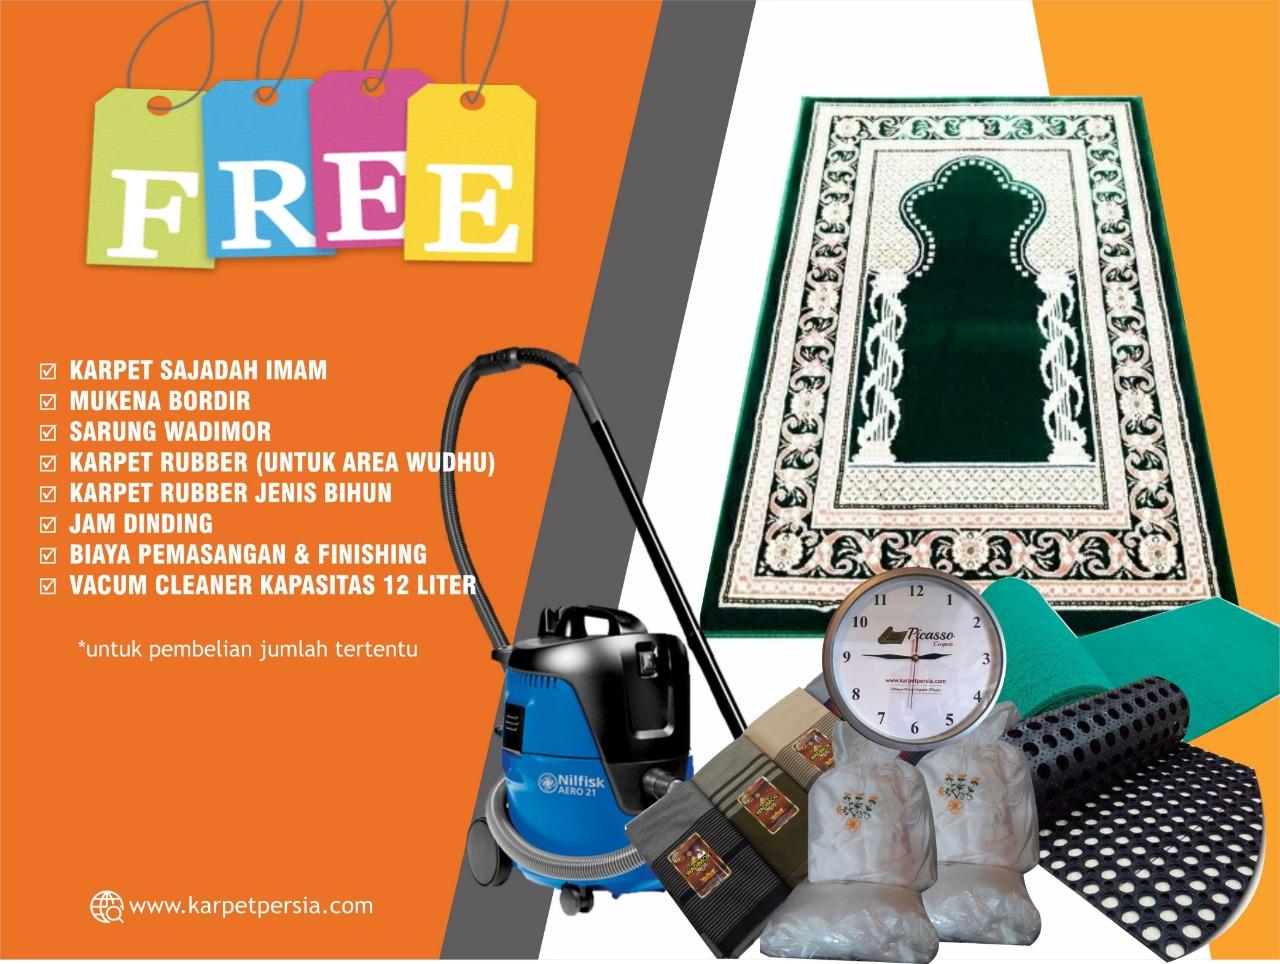 Karpet Masjid Free Karpetpersia